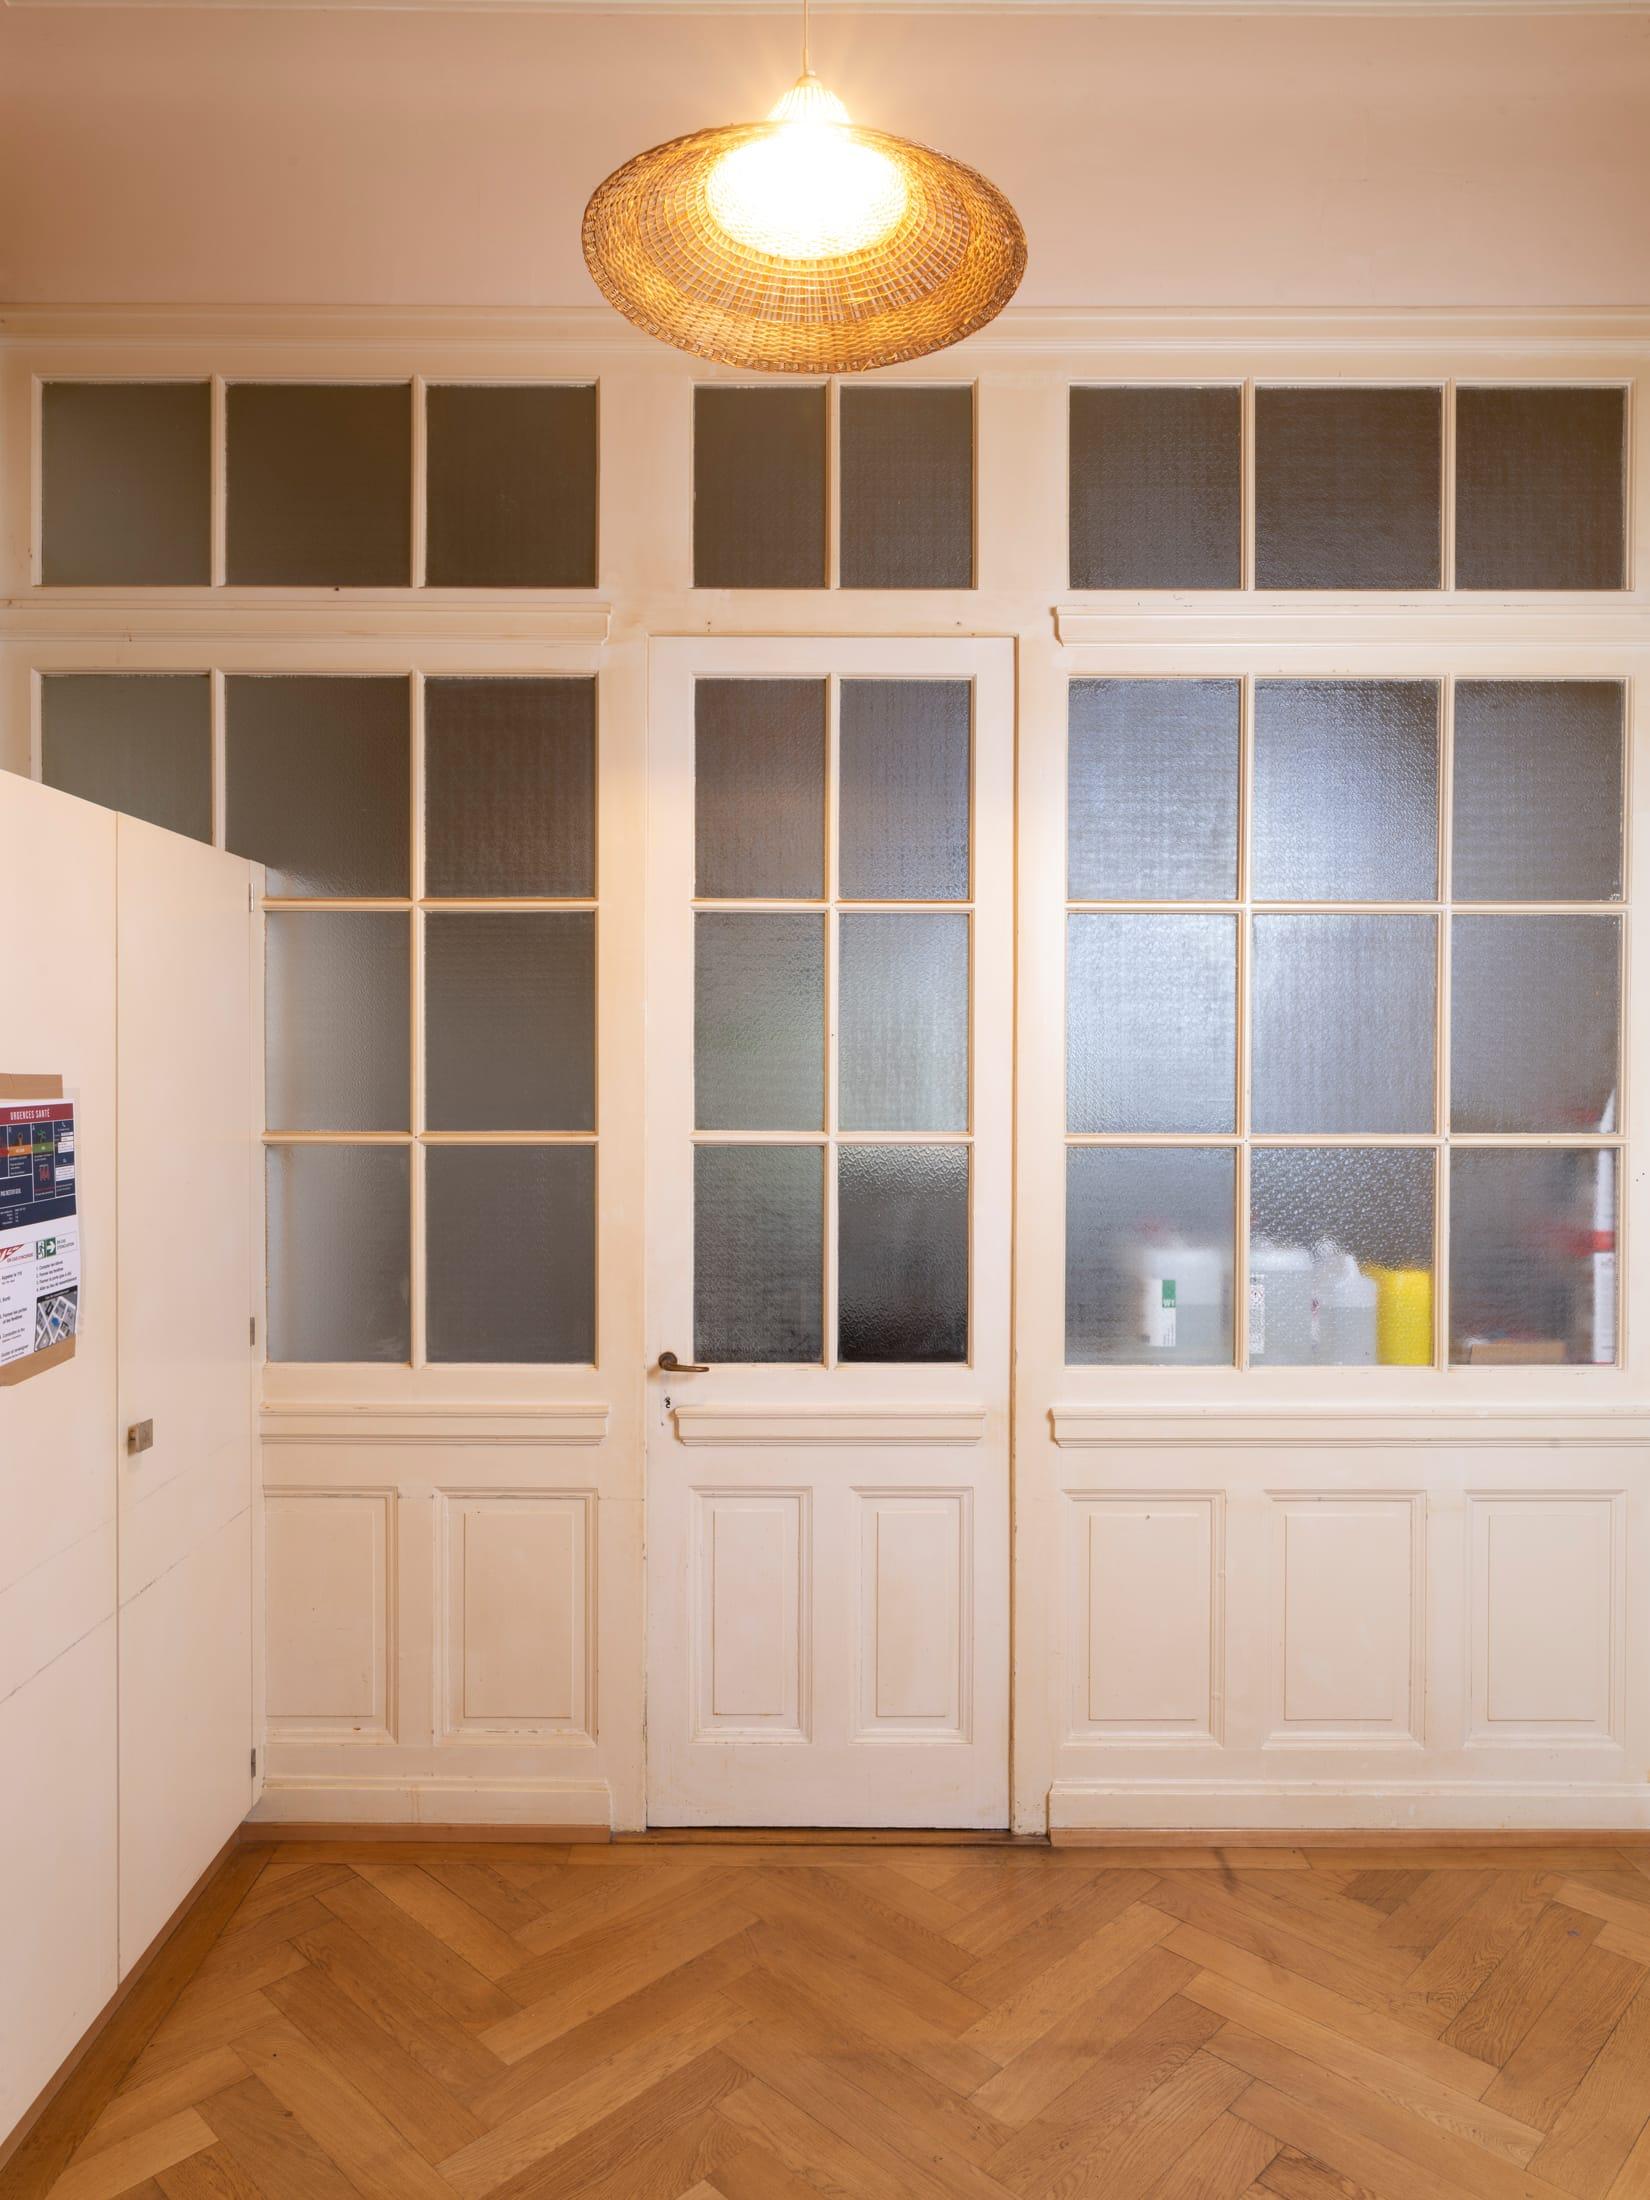 porte-fenêtre fermée